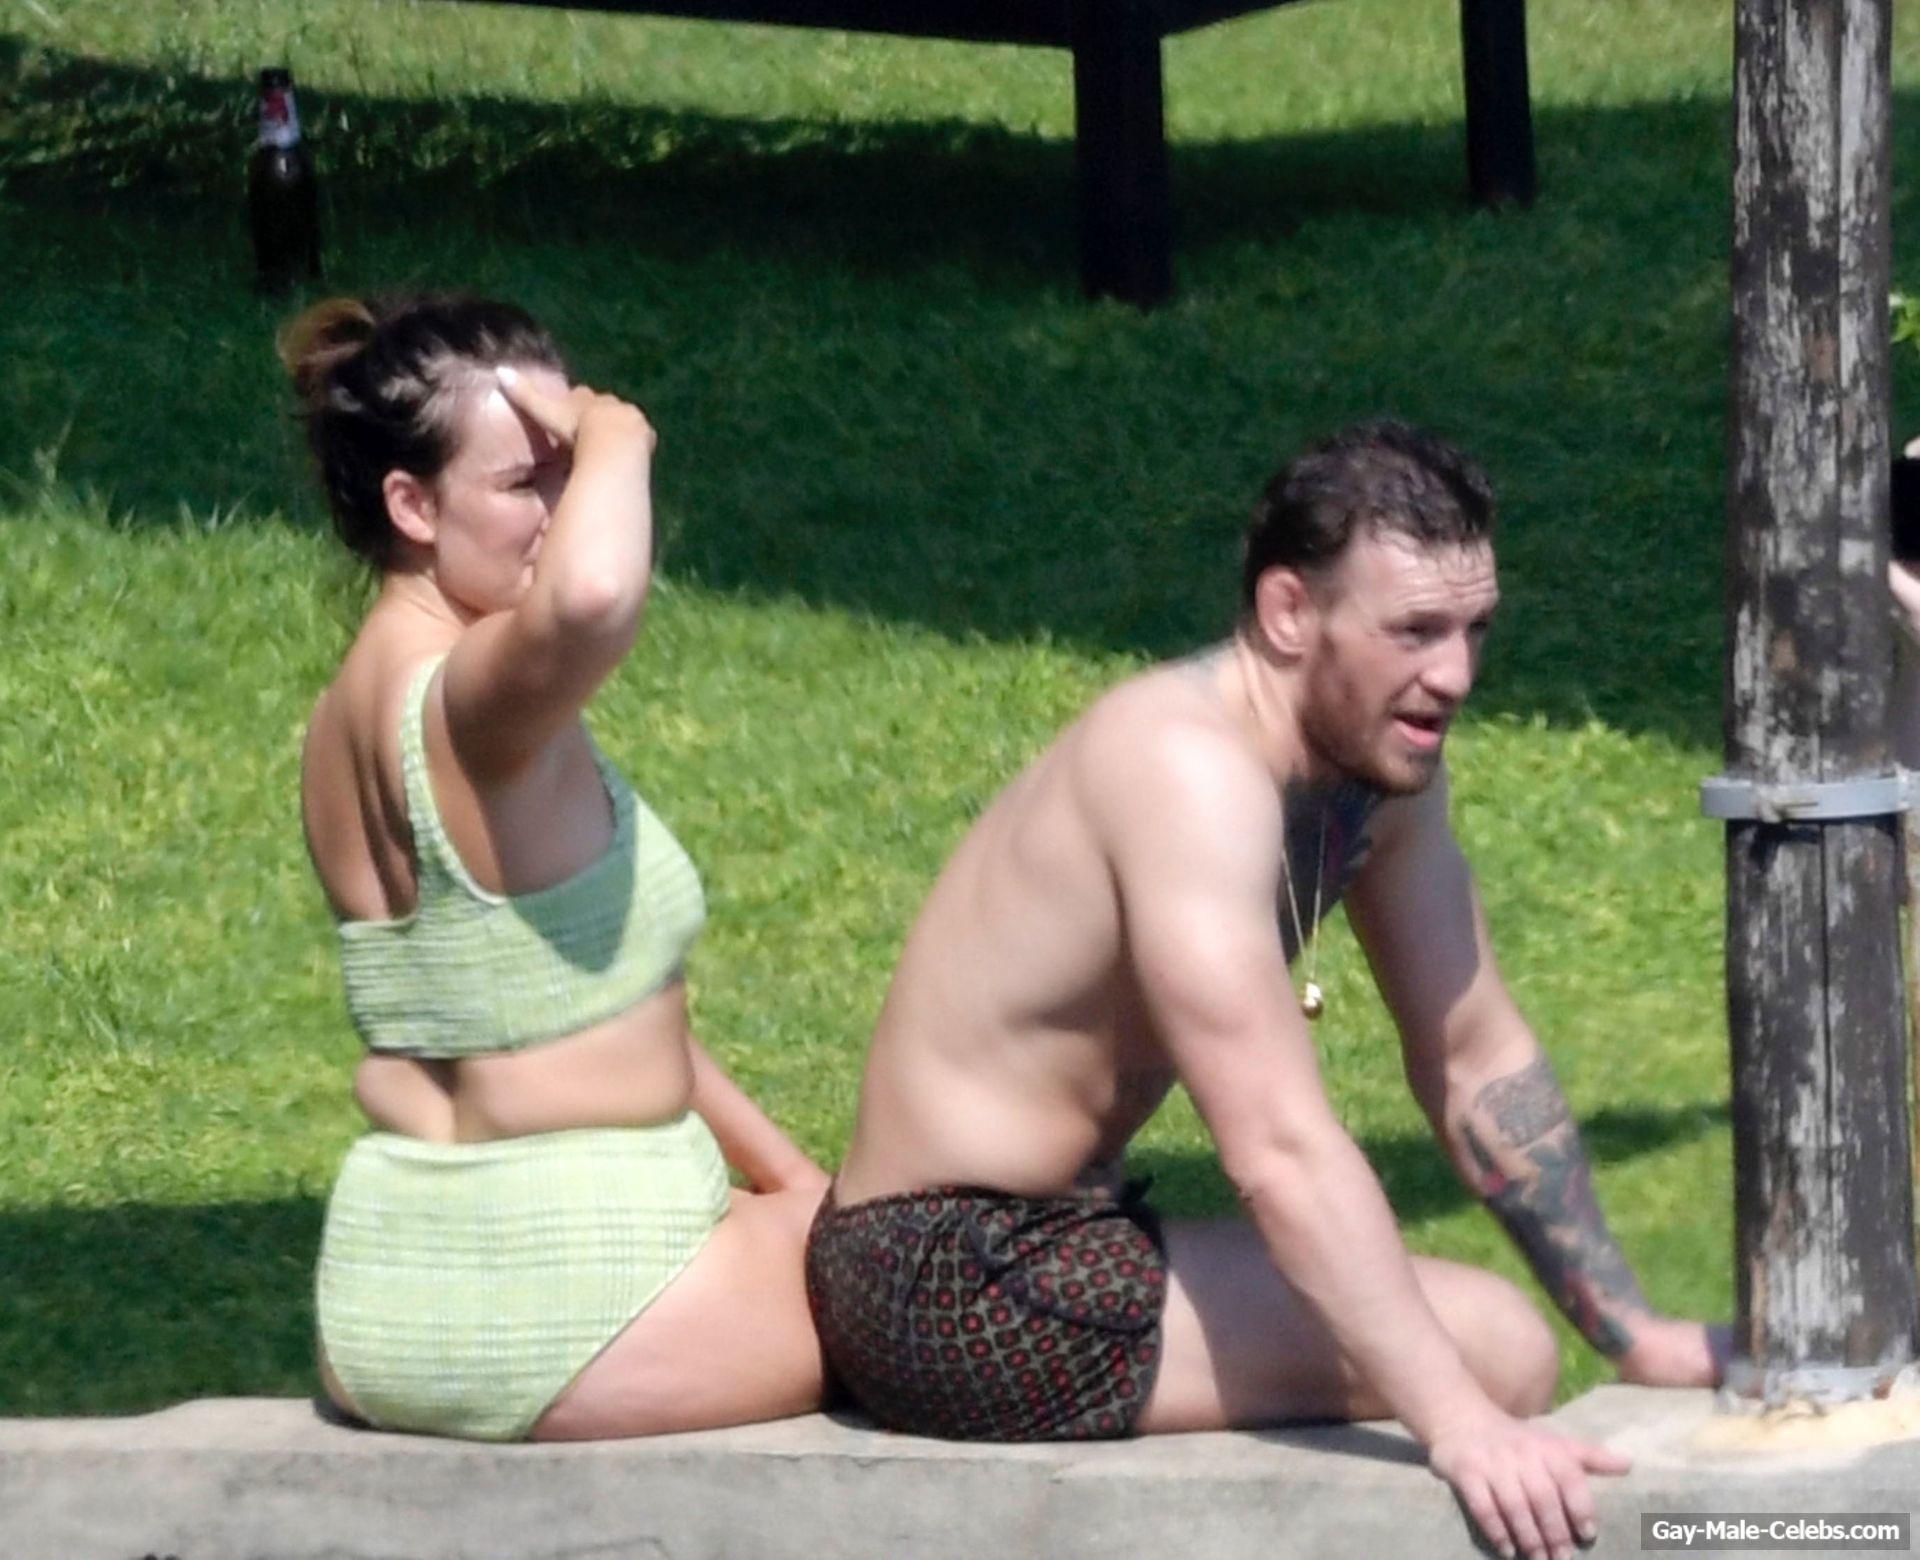 Conor McGregor Paparazzi Shirtless Photos